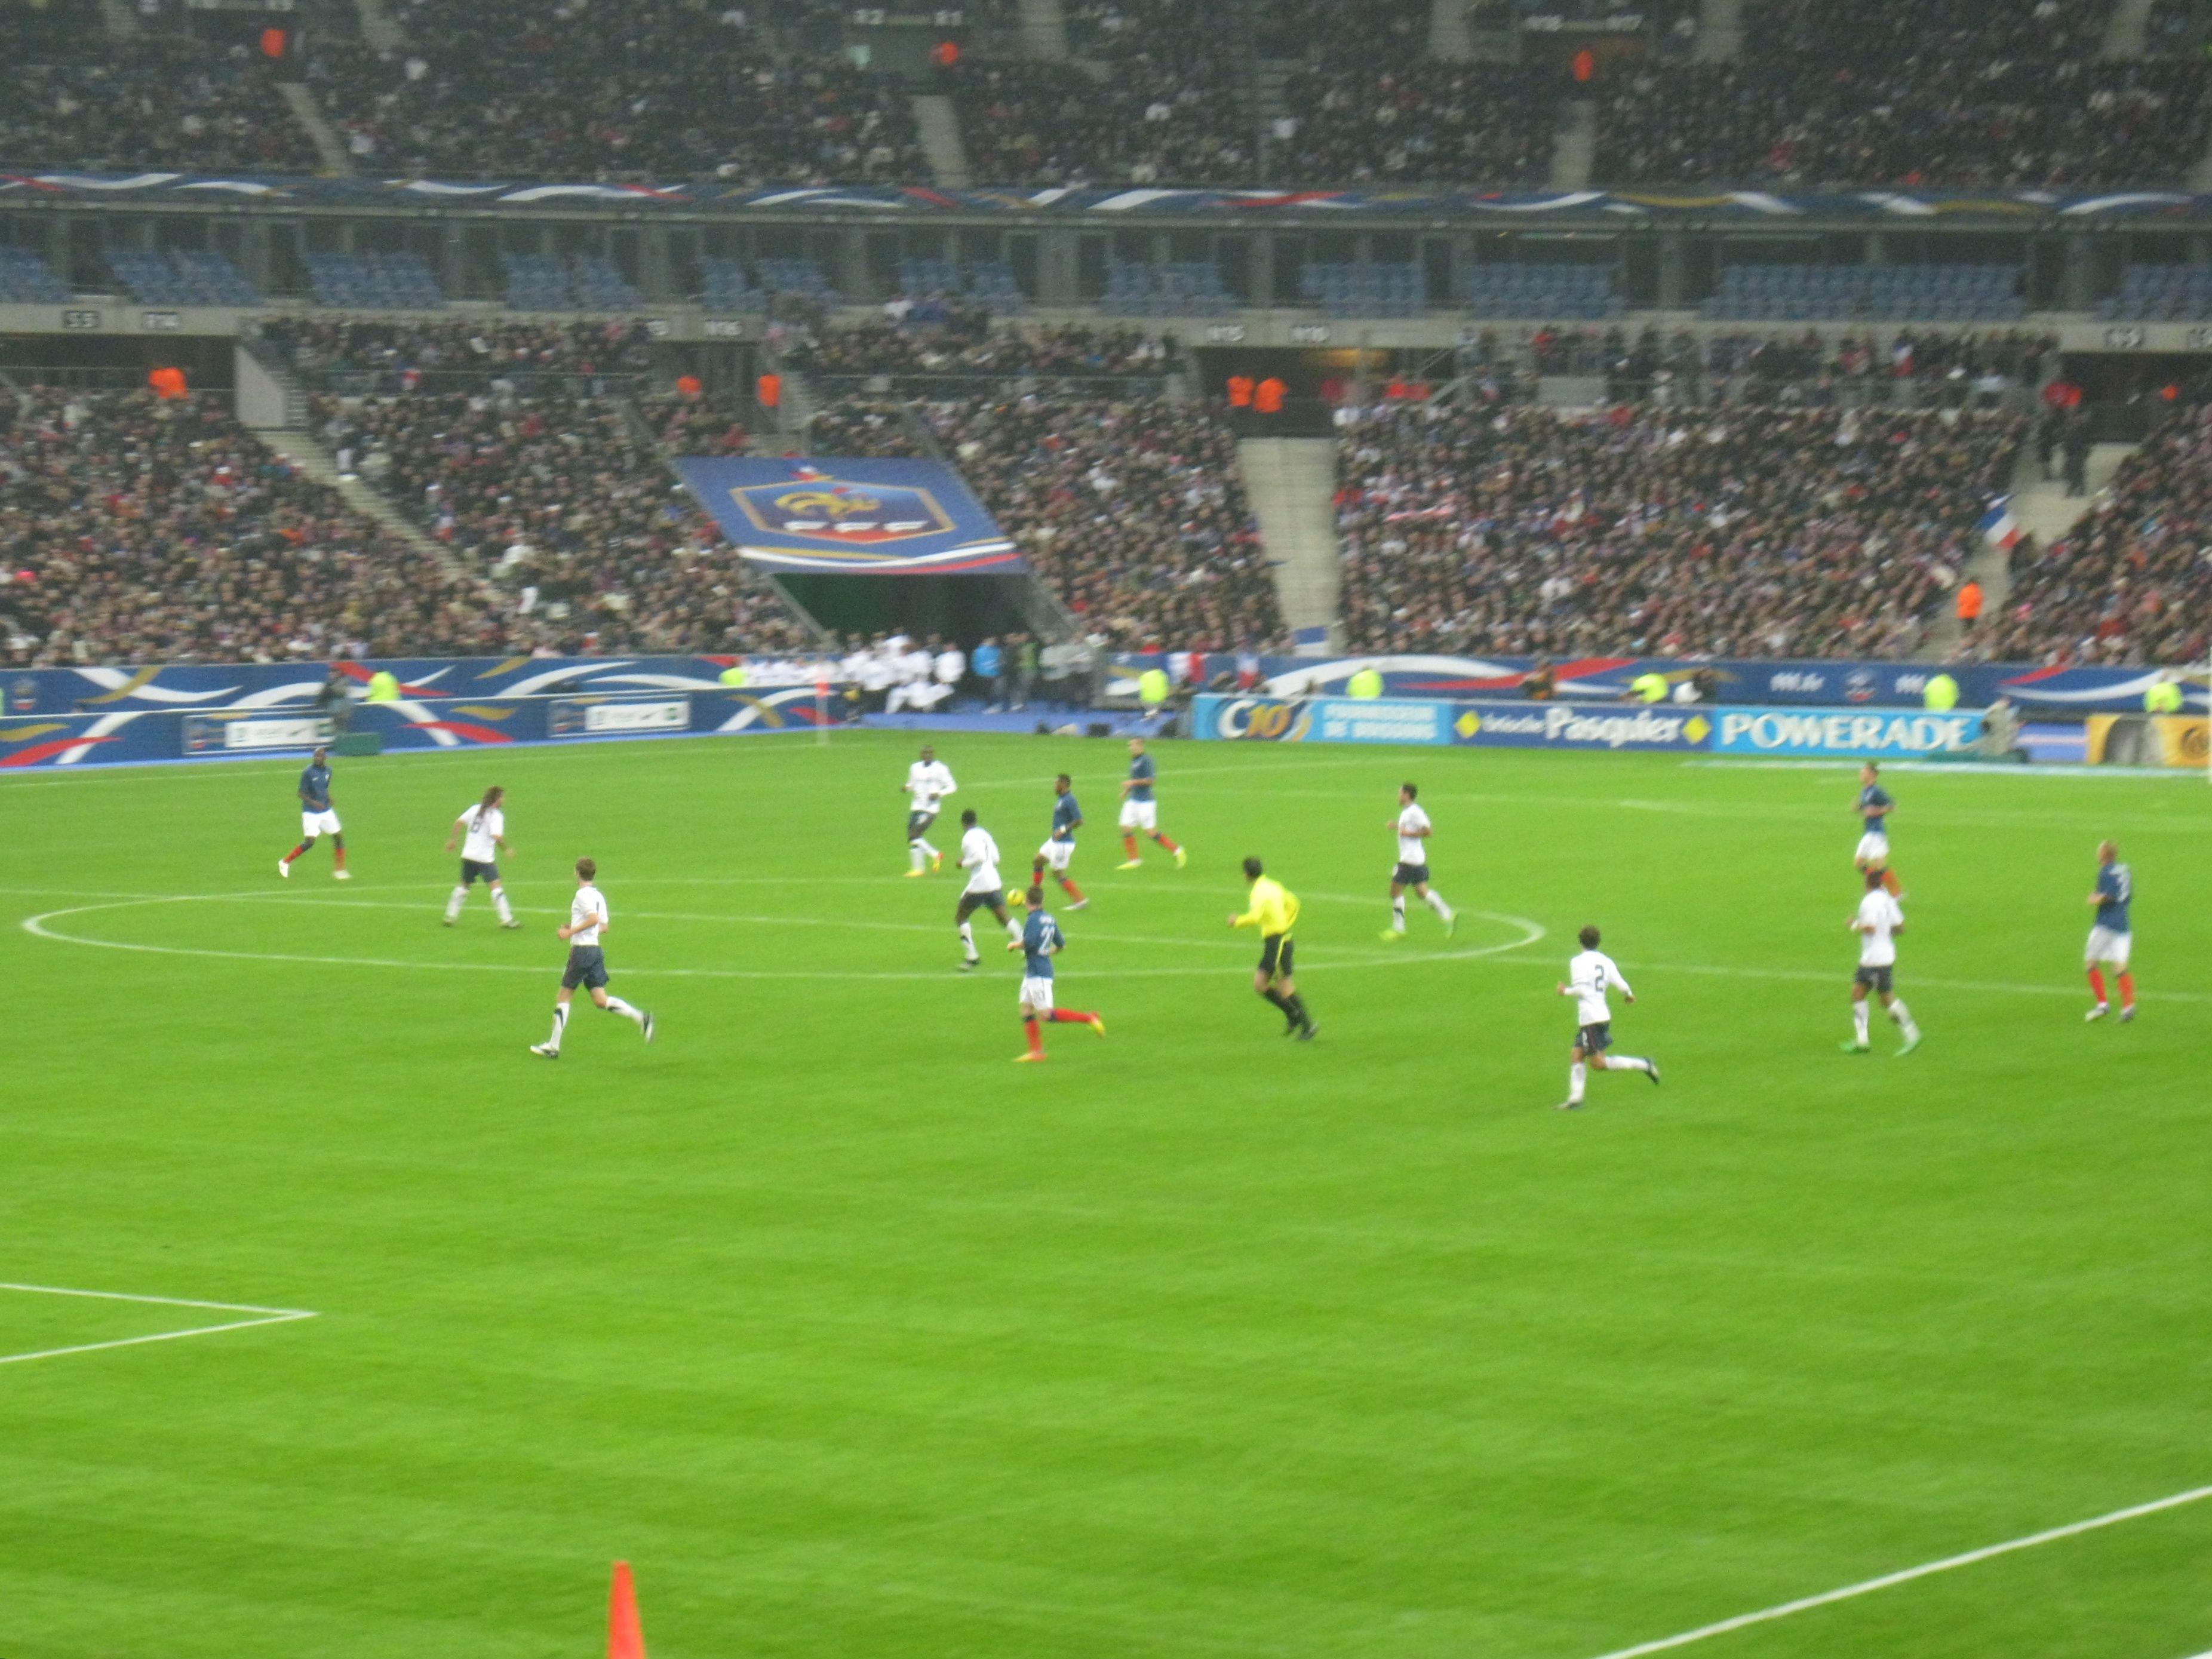 full soccer matches